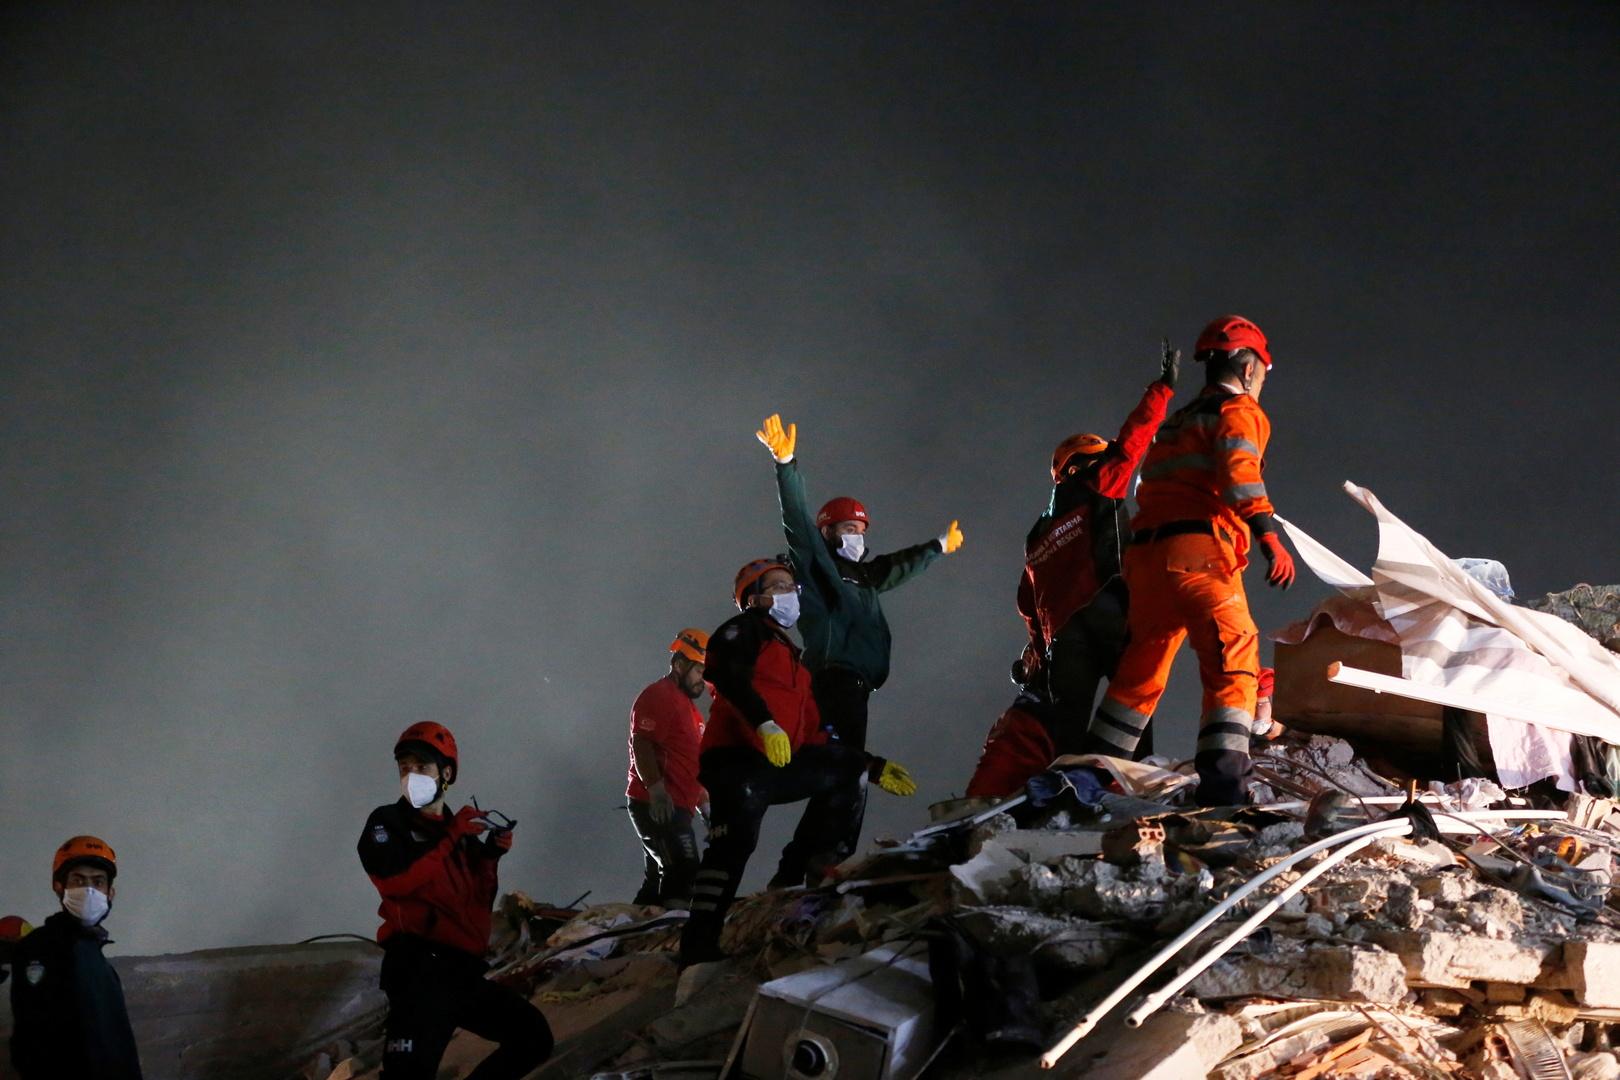 مصر تعرب عن خالص تعازيها في ضحايا الزلزال الذي ضرب منطقة بحر إيجة